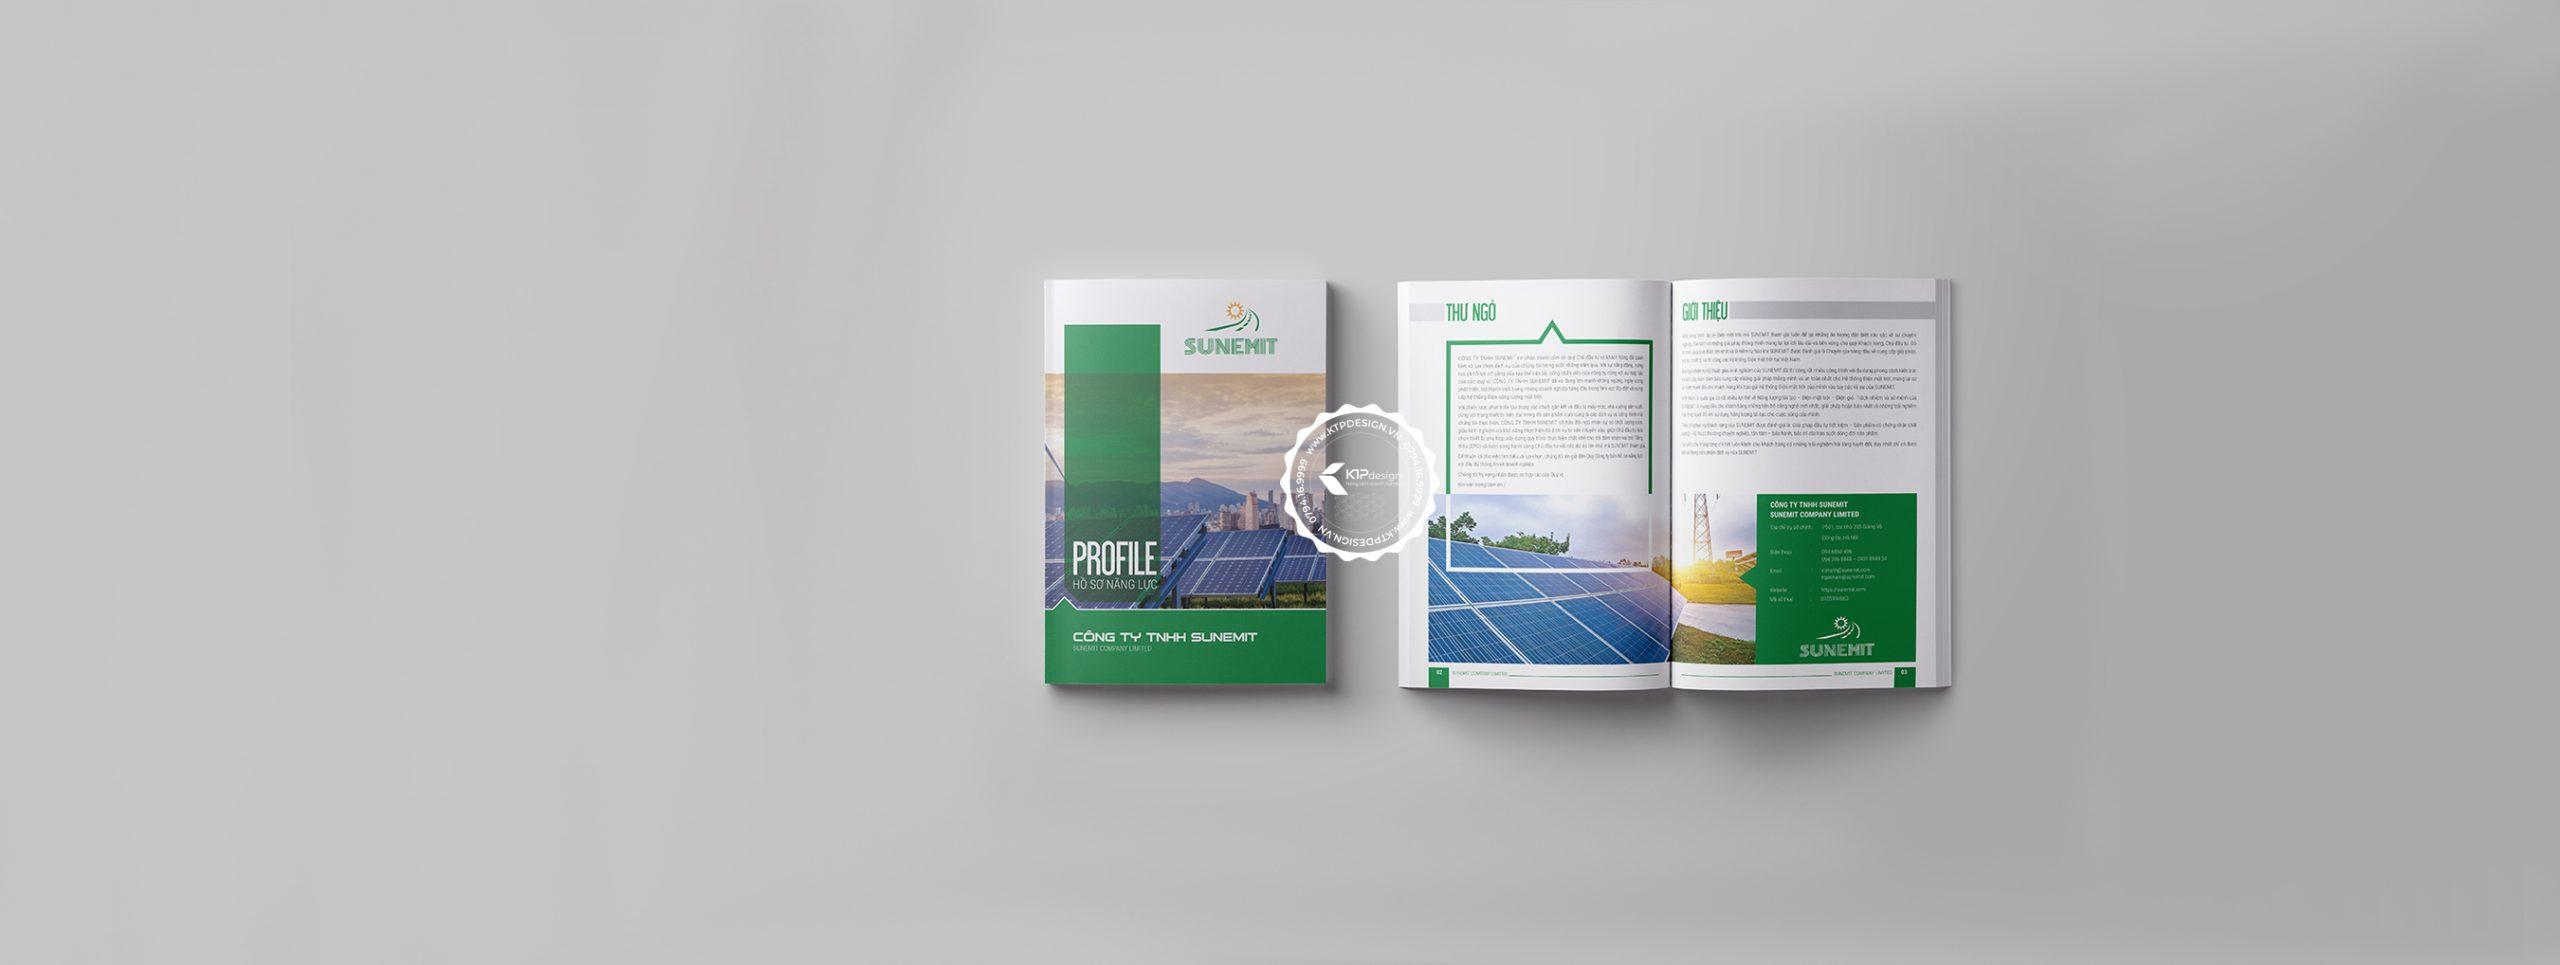 Thiết kế hồ sơ năng lực - banner